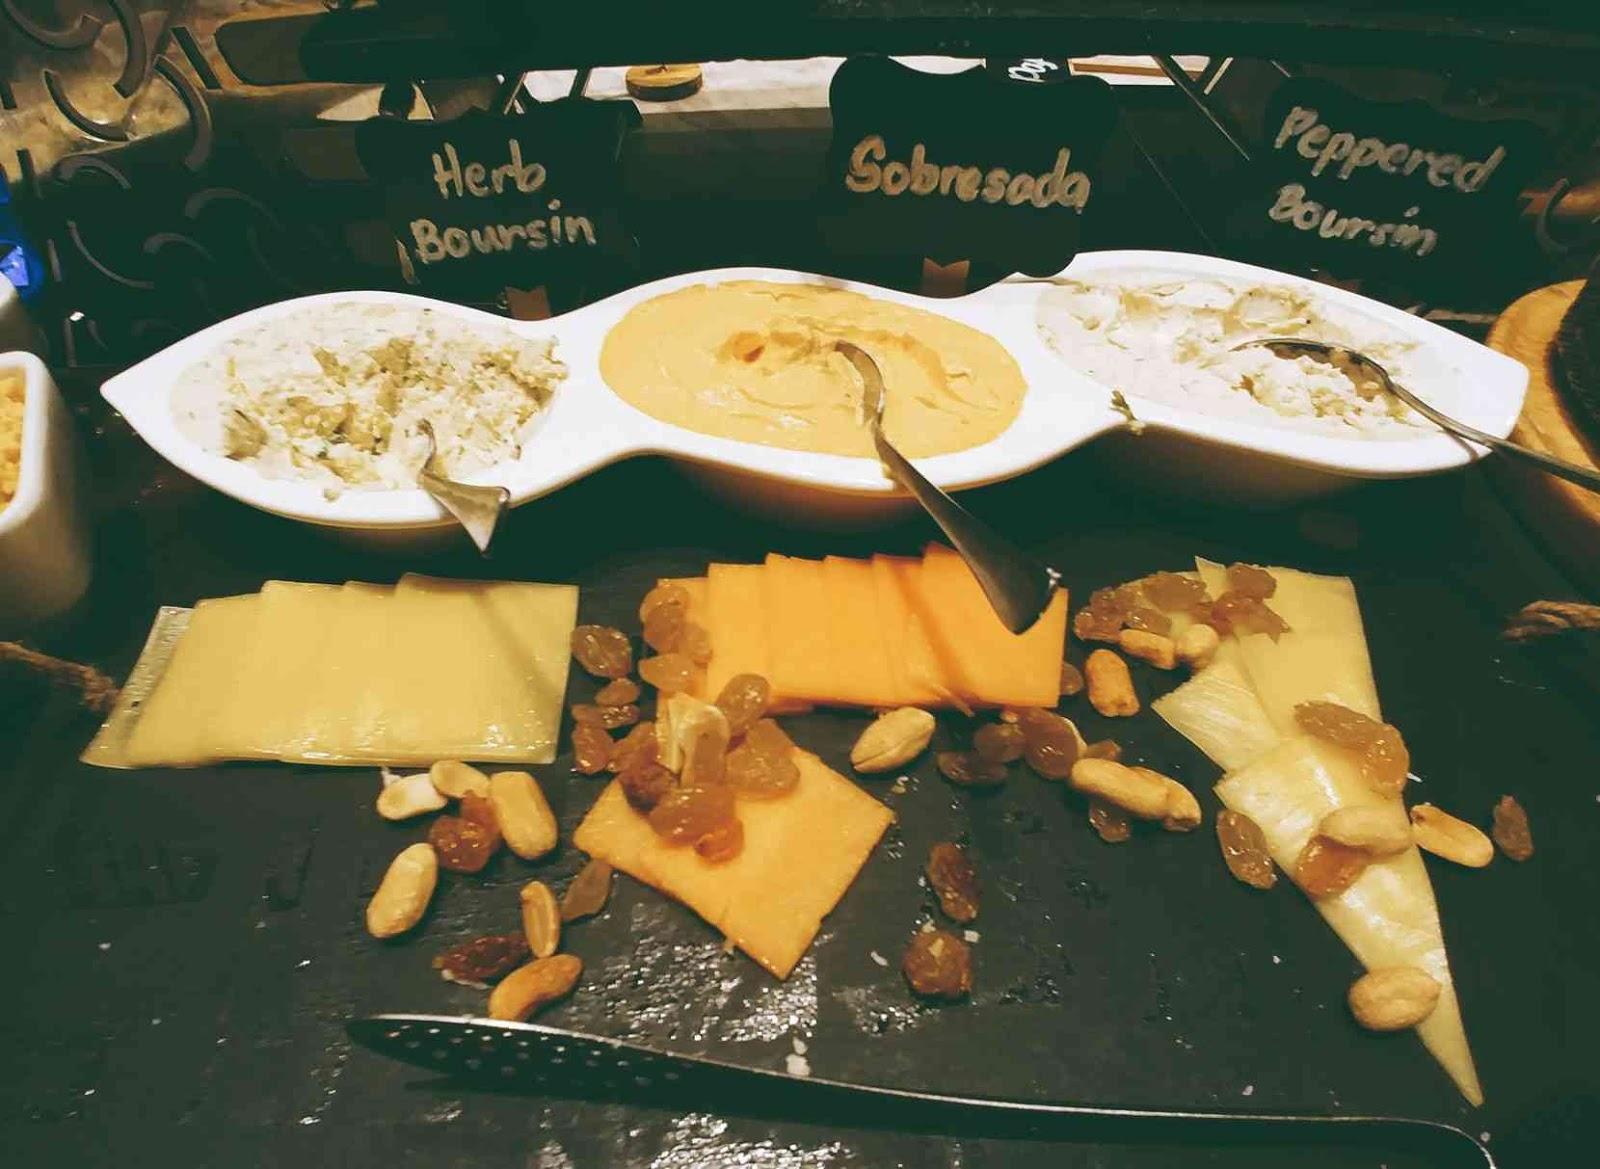 Vikings Luxury Buffet: cheese station